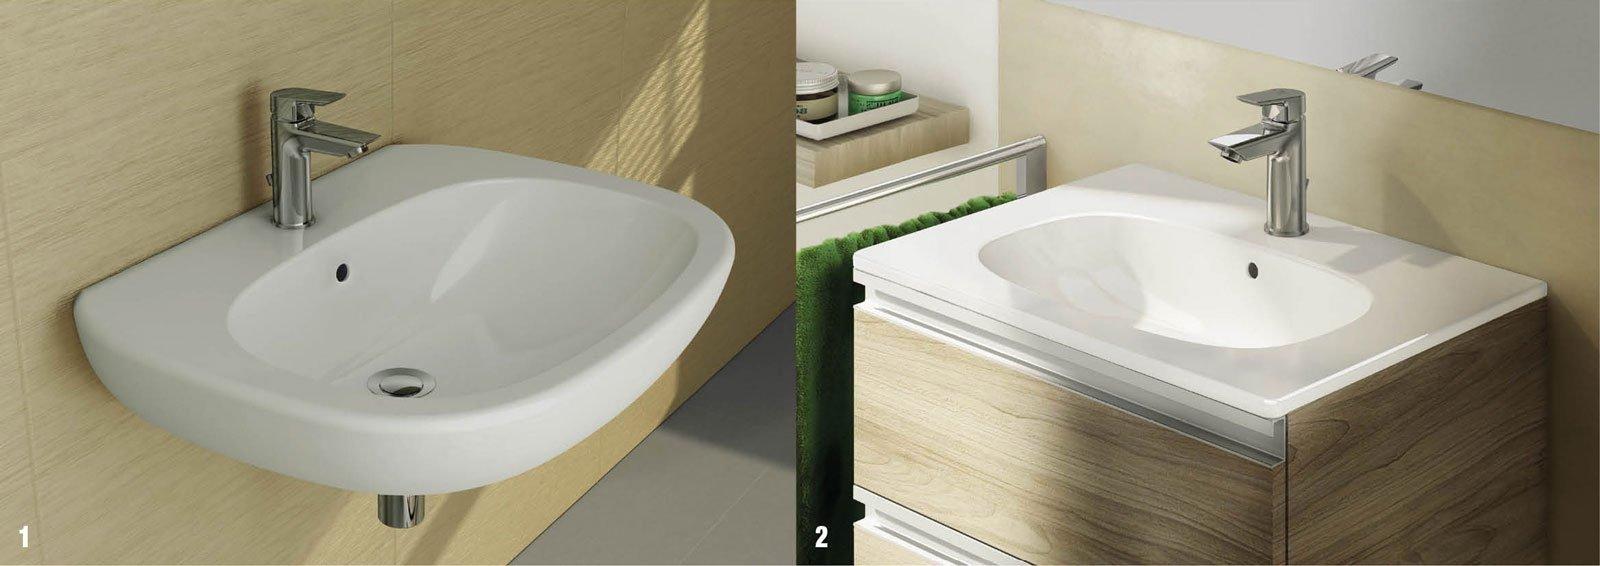 Tesi e ceramix per un bagno di tendenza cose di casa - Lavabo bagno ideal standard ...